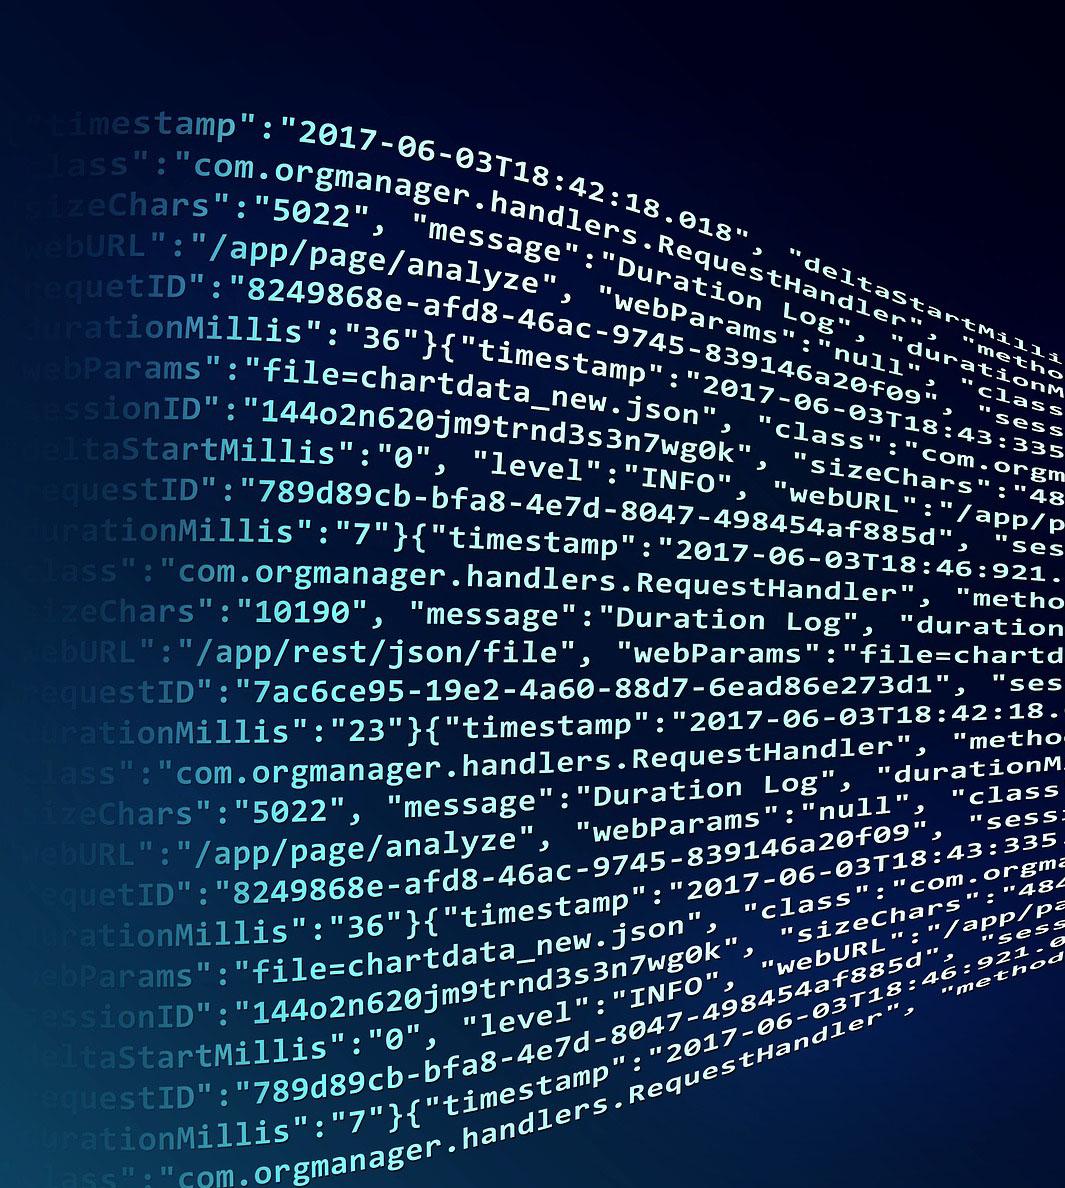 Regtech ESMA: Regtech y Suptech traerán cambios radicales en cumplimiento normativo